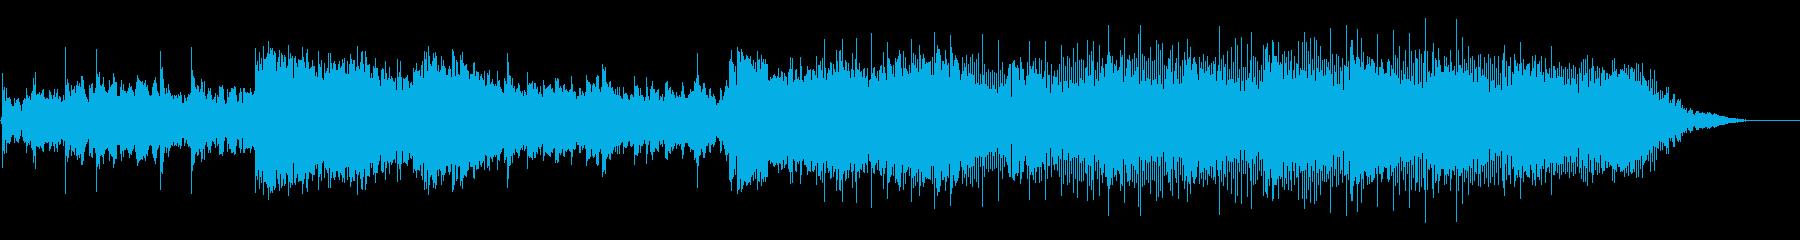 この抽象的な独特で暗く不吉なキュー...の再生済みの波形